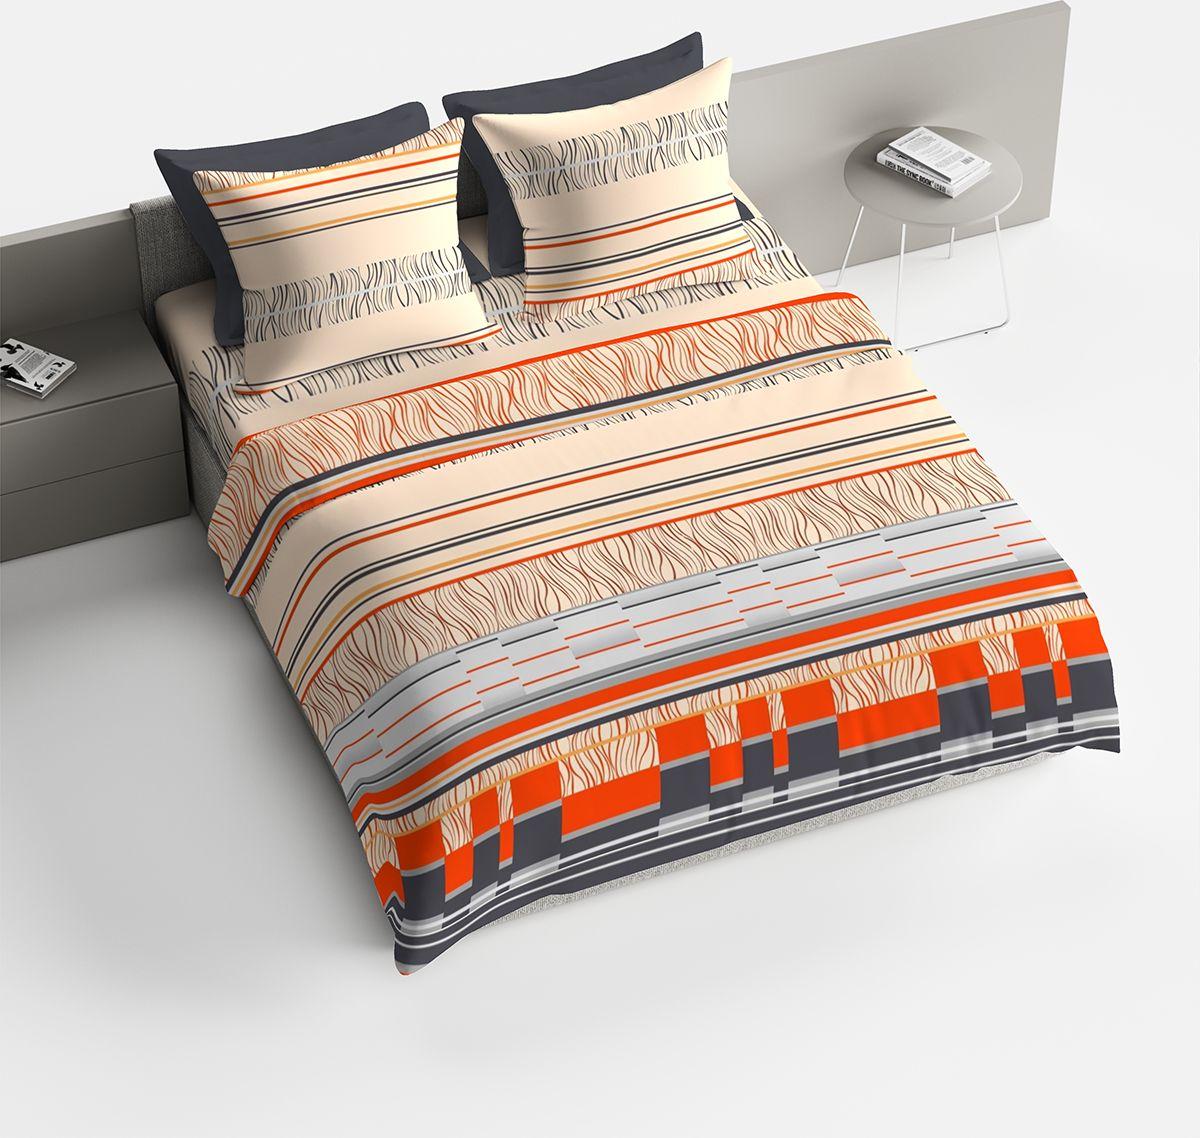 Комплект белья Браво Манфредо, 2-спальный, наволочки 70x70, цвет: оранжевыйCLP446Постельное белье коллекции Bravo изготавливается из ткани Lux Cotton (высококачественный импортный поплин), сотканной из длинноволокнистого египетского хлопка, создано специально для людей с оригинальным вкусом, предпочитающим современные решения в интерьере. В процессе производства применяются только стойкие и экологически чистые красители, поэтому это белье можно использовать и для детей. Обновленная стильная упаковка делает этот комплект отличным подарком.